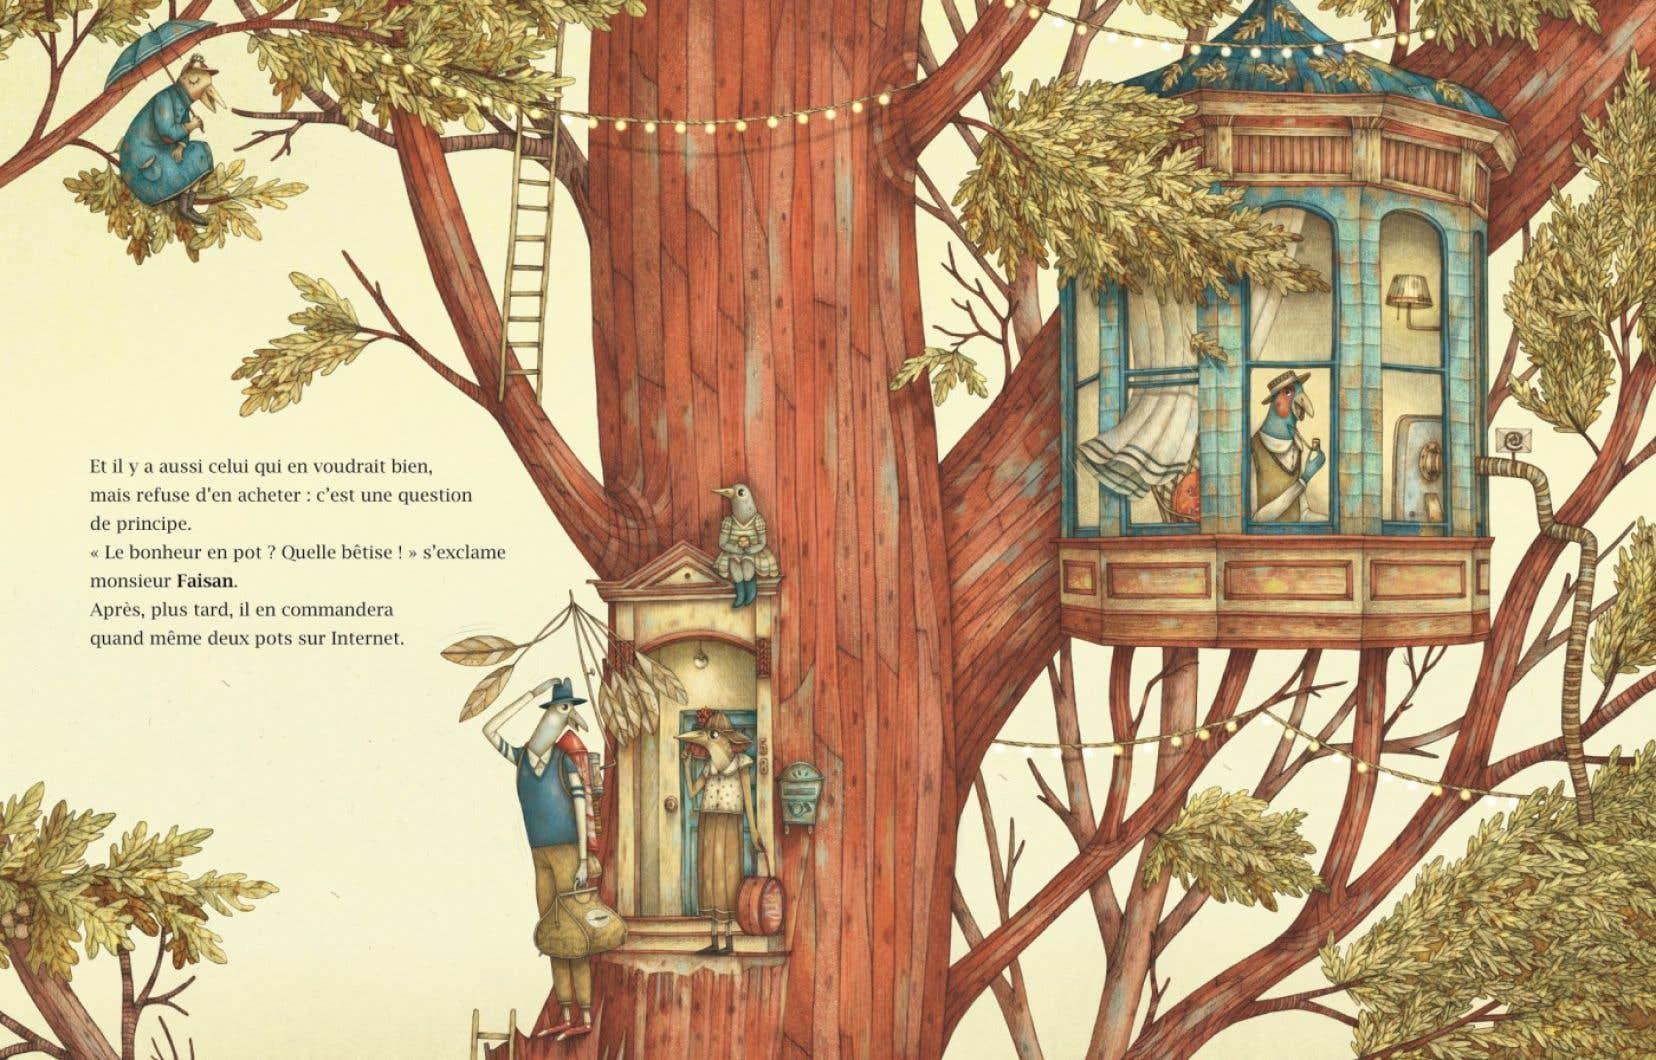 Une illustration tirée du livre «Le marchand de bonheur»